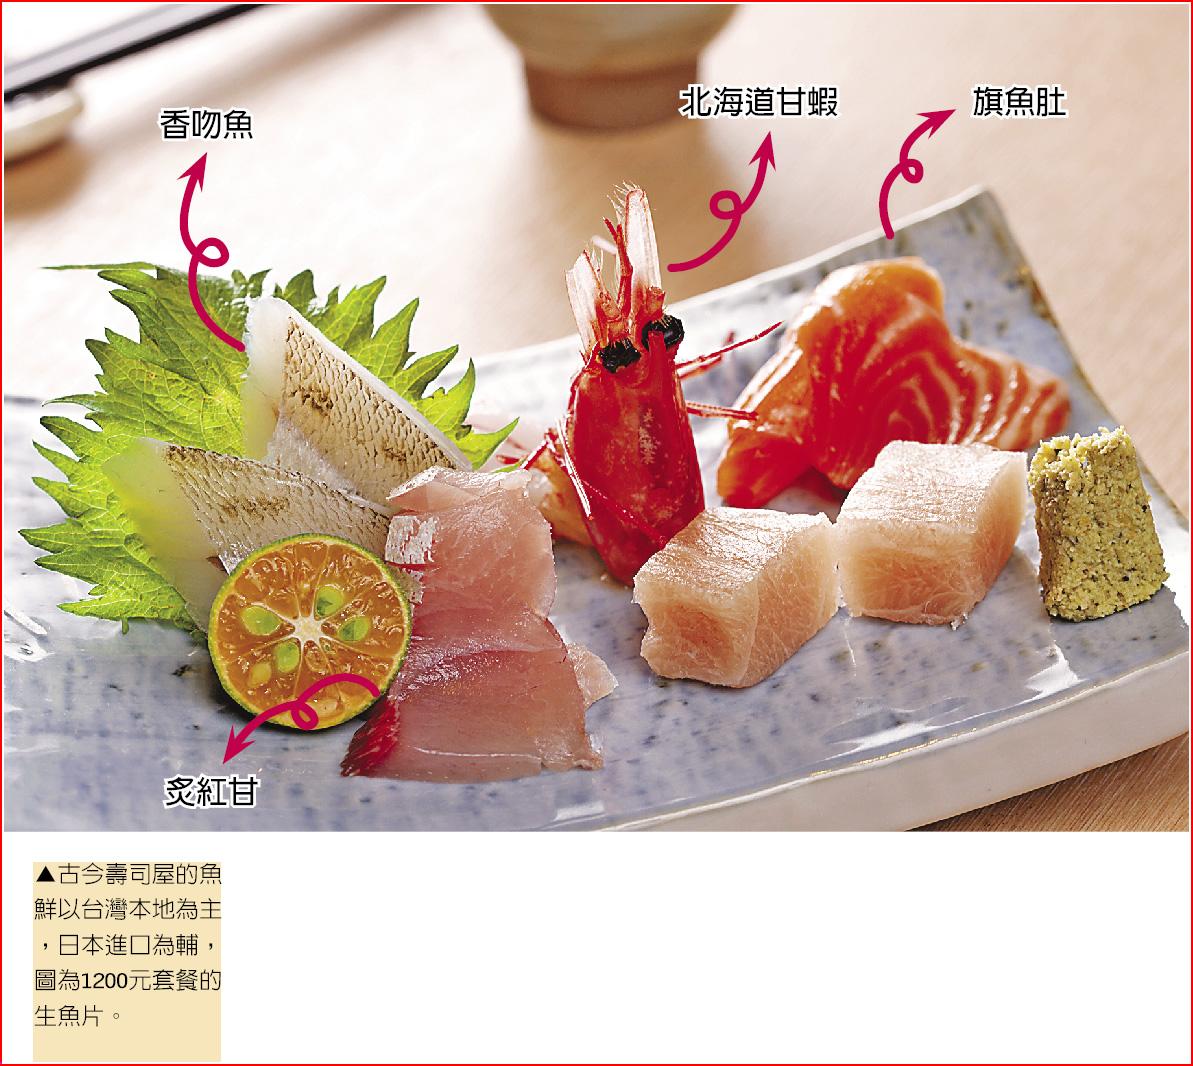 ▲古今壽司屋的魚鮮以台灣本地為主,日本進口為輔,圖為1200元套餐的生魚片。鄧博仁/攝影